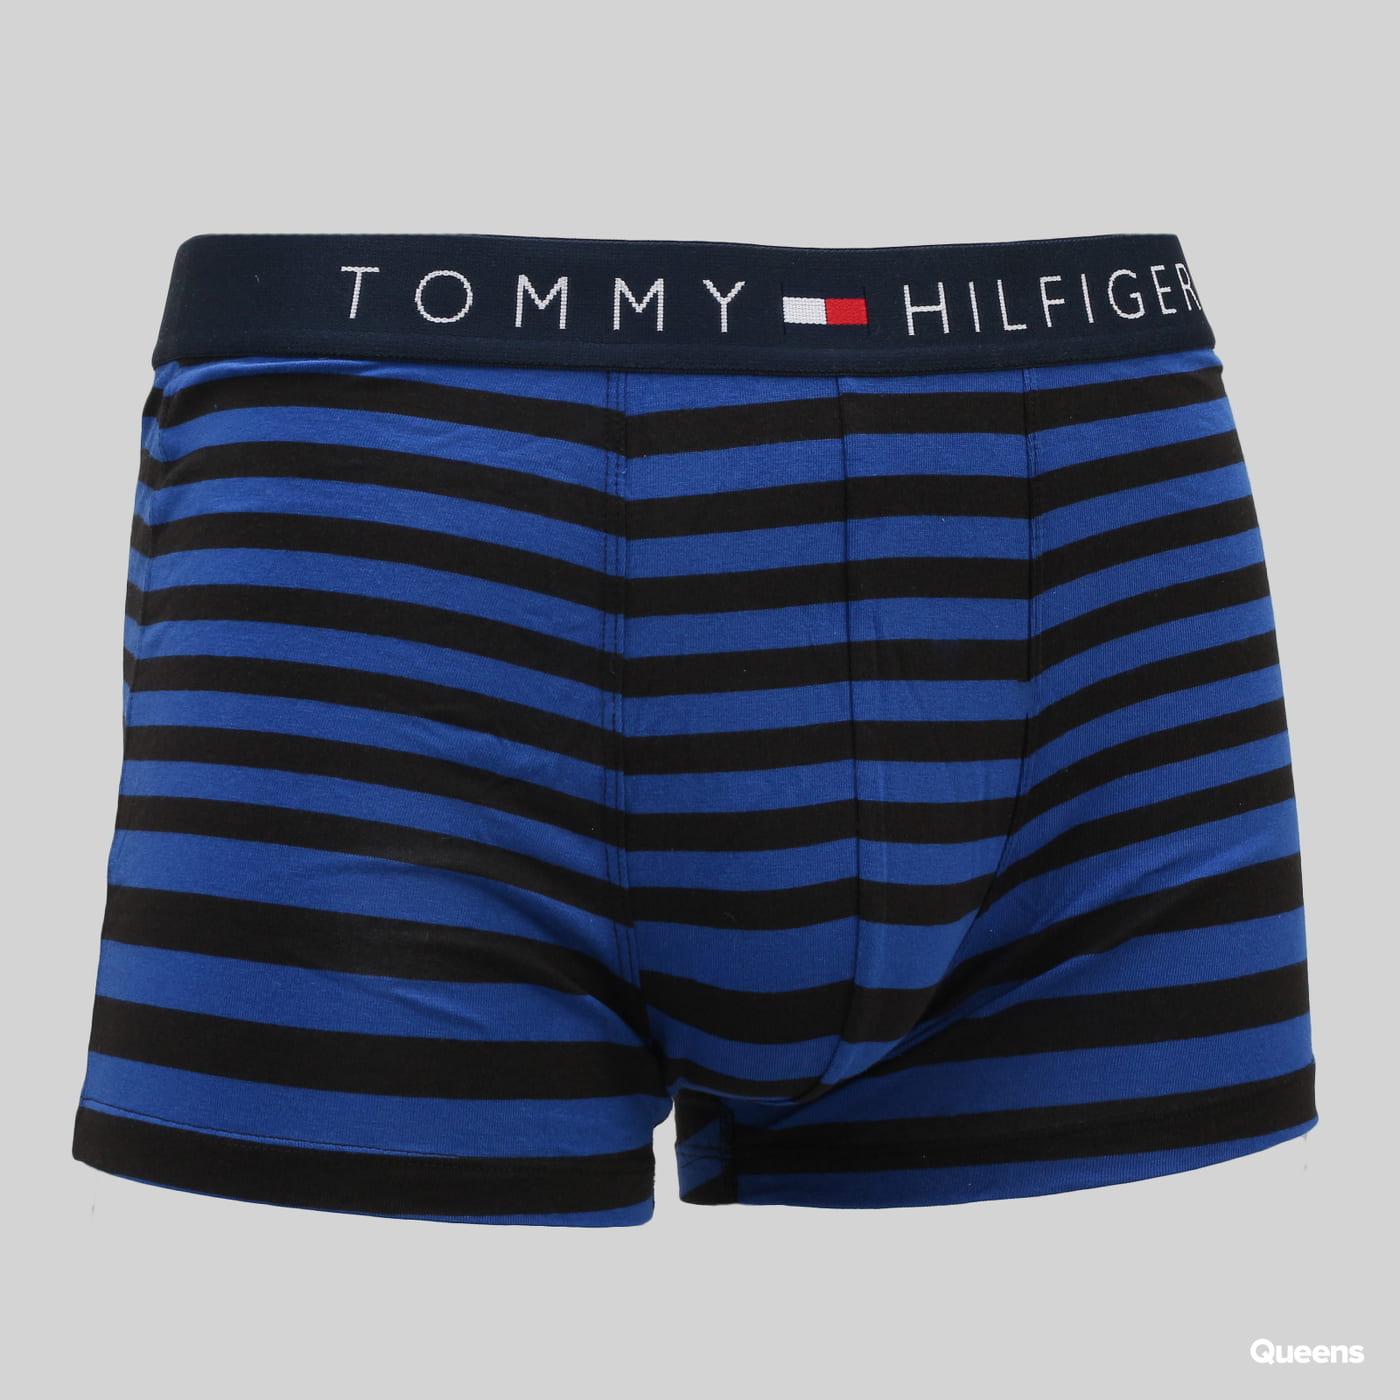 Tommy Hilfiger 2 Pack Trunk Stripe čierne / modré